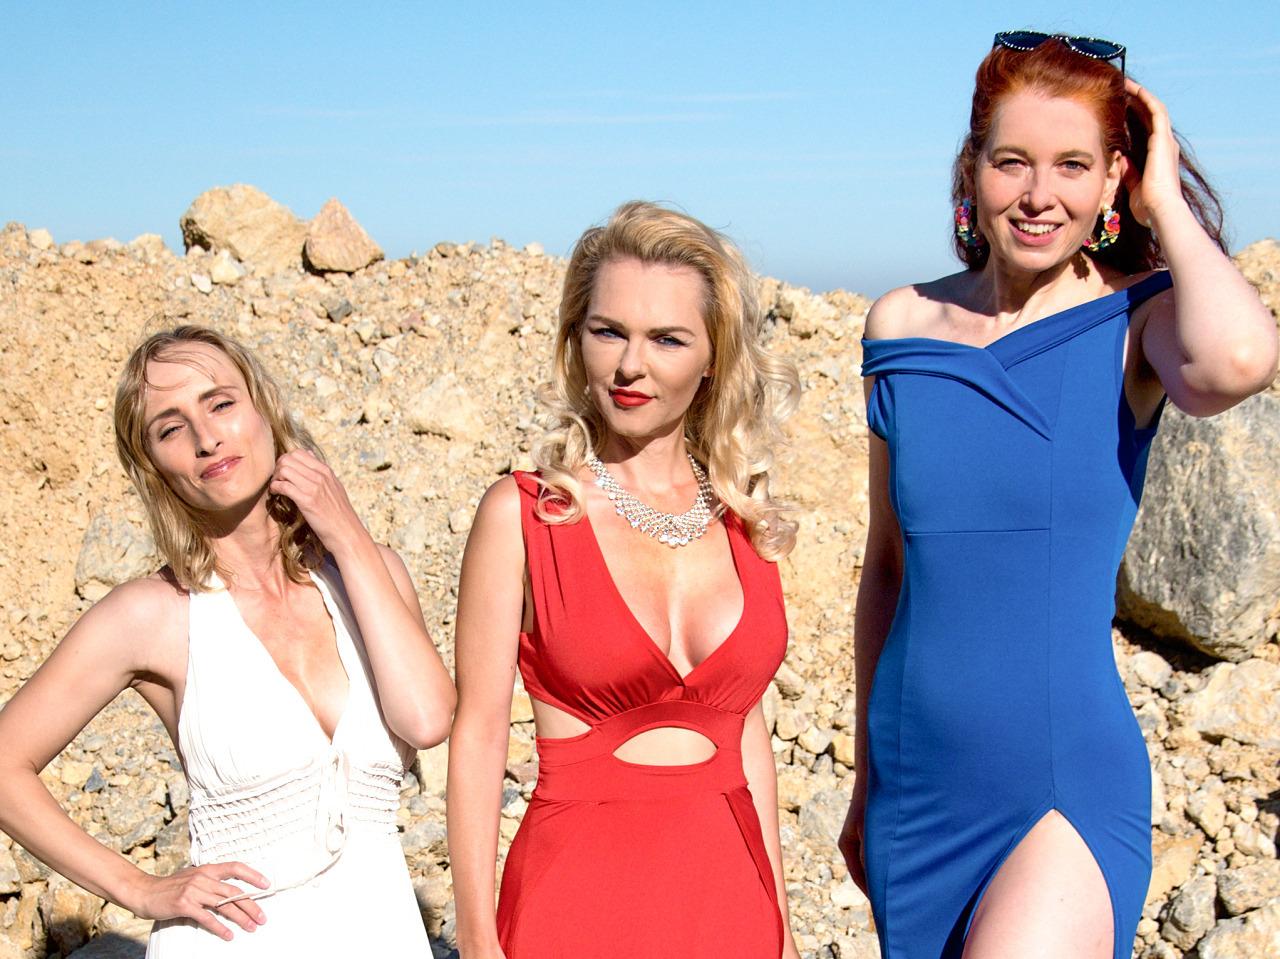 Die Models Veronika, Marina und Betty im Steinbruch | Freie-Pressemitteilungen.de